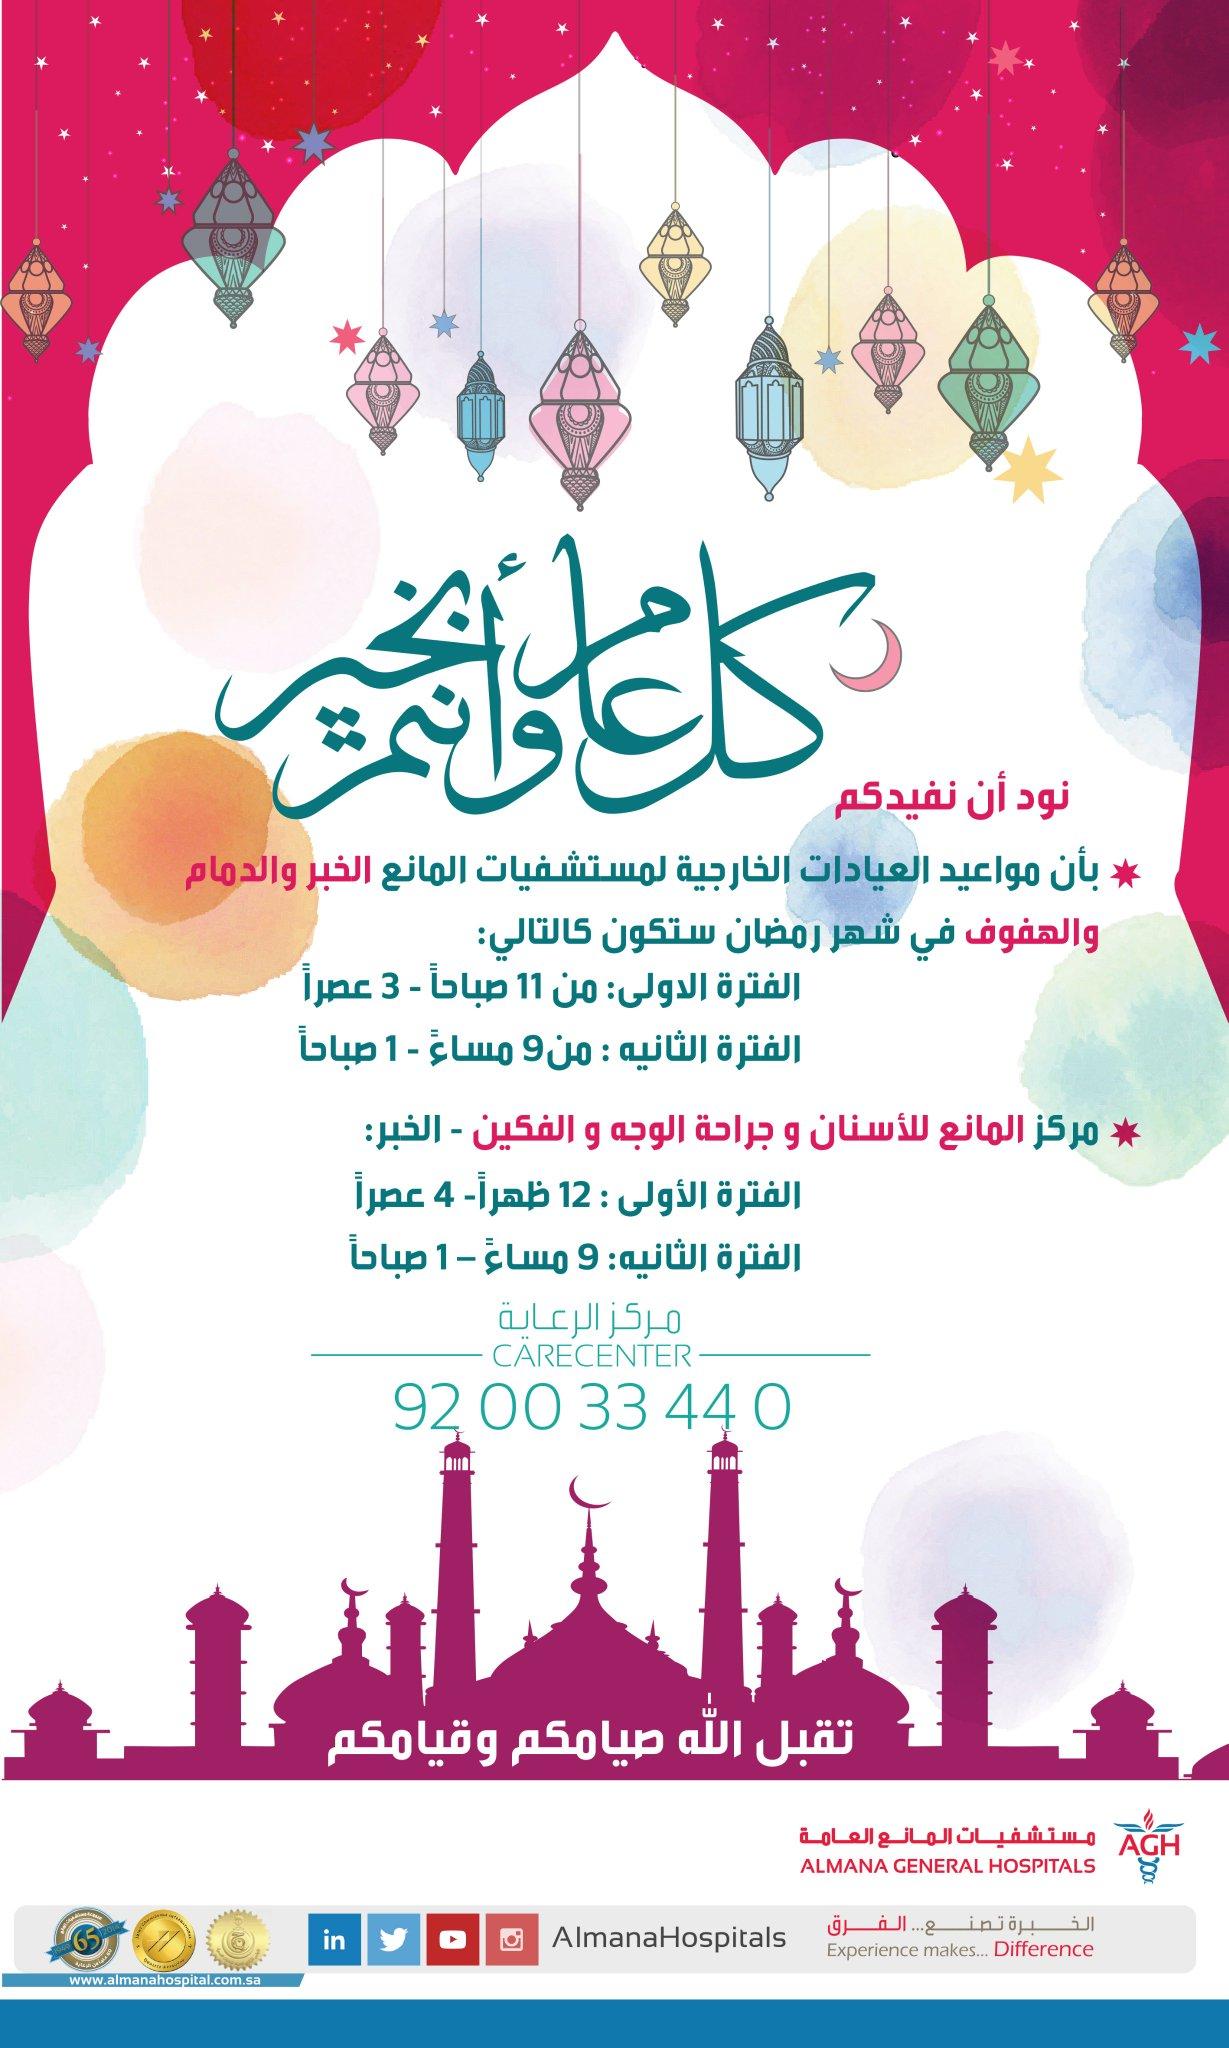 مستشفيات المانع Ar Twitter اوقات الدوام للعيادات في رمضان مستشفيات المانع الخبر الدمام الجبيل الاحساء